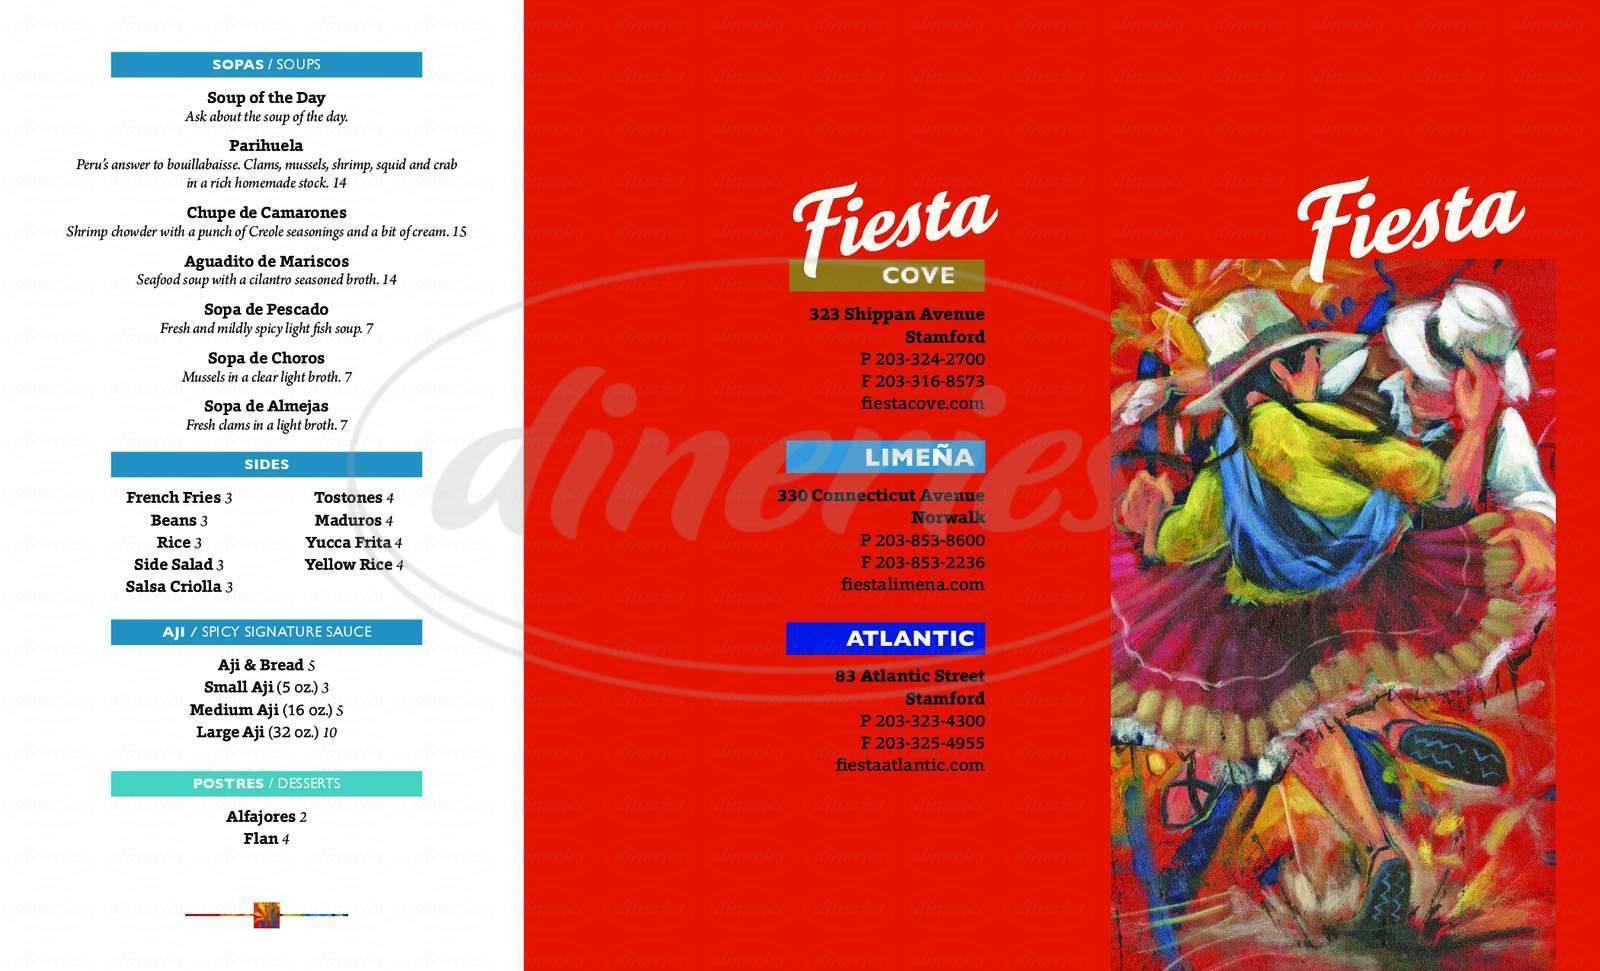 menu for Fiesta Cove Restaurant